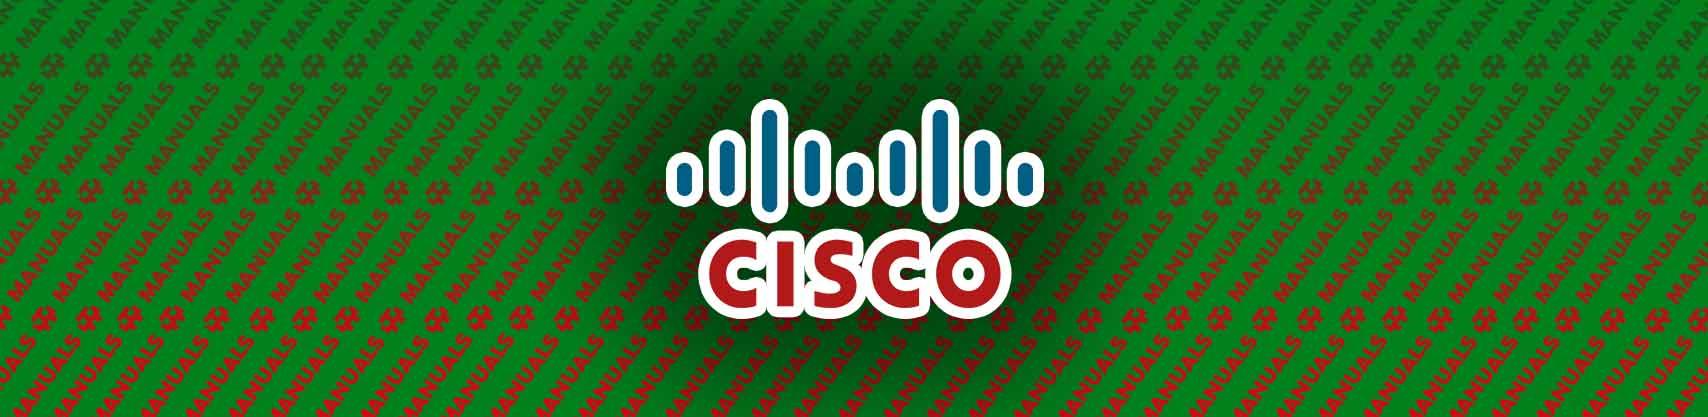 Cisco DPC3825 Manual